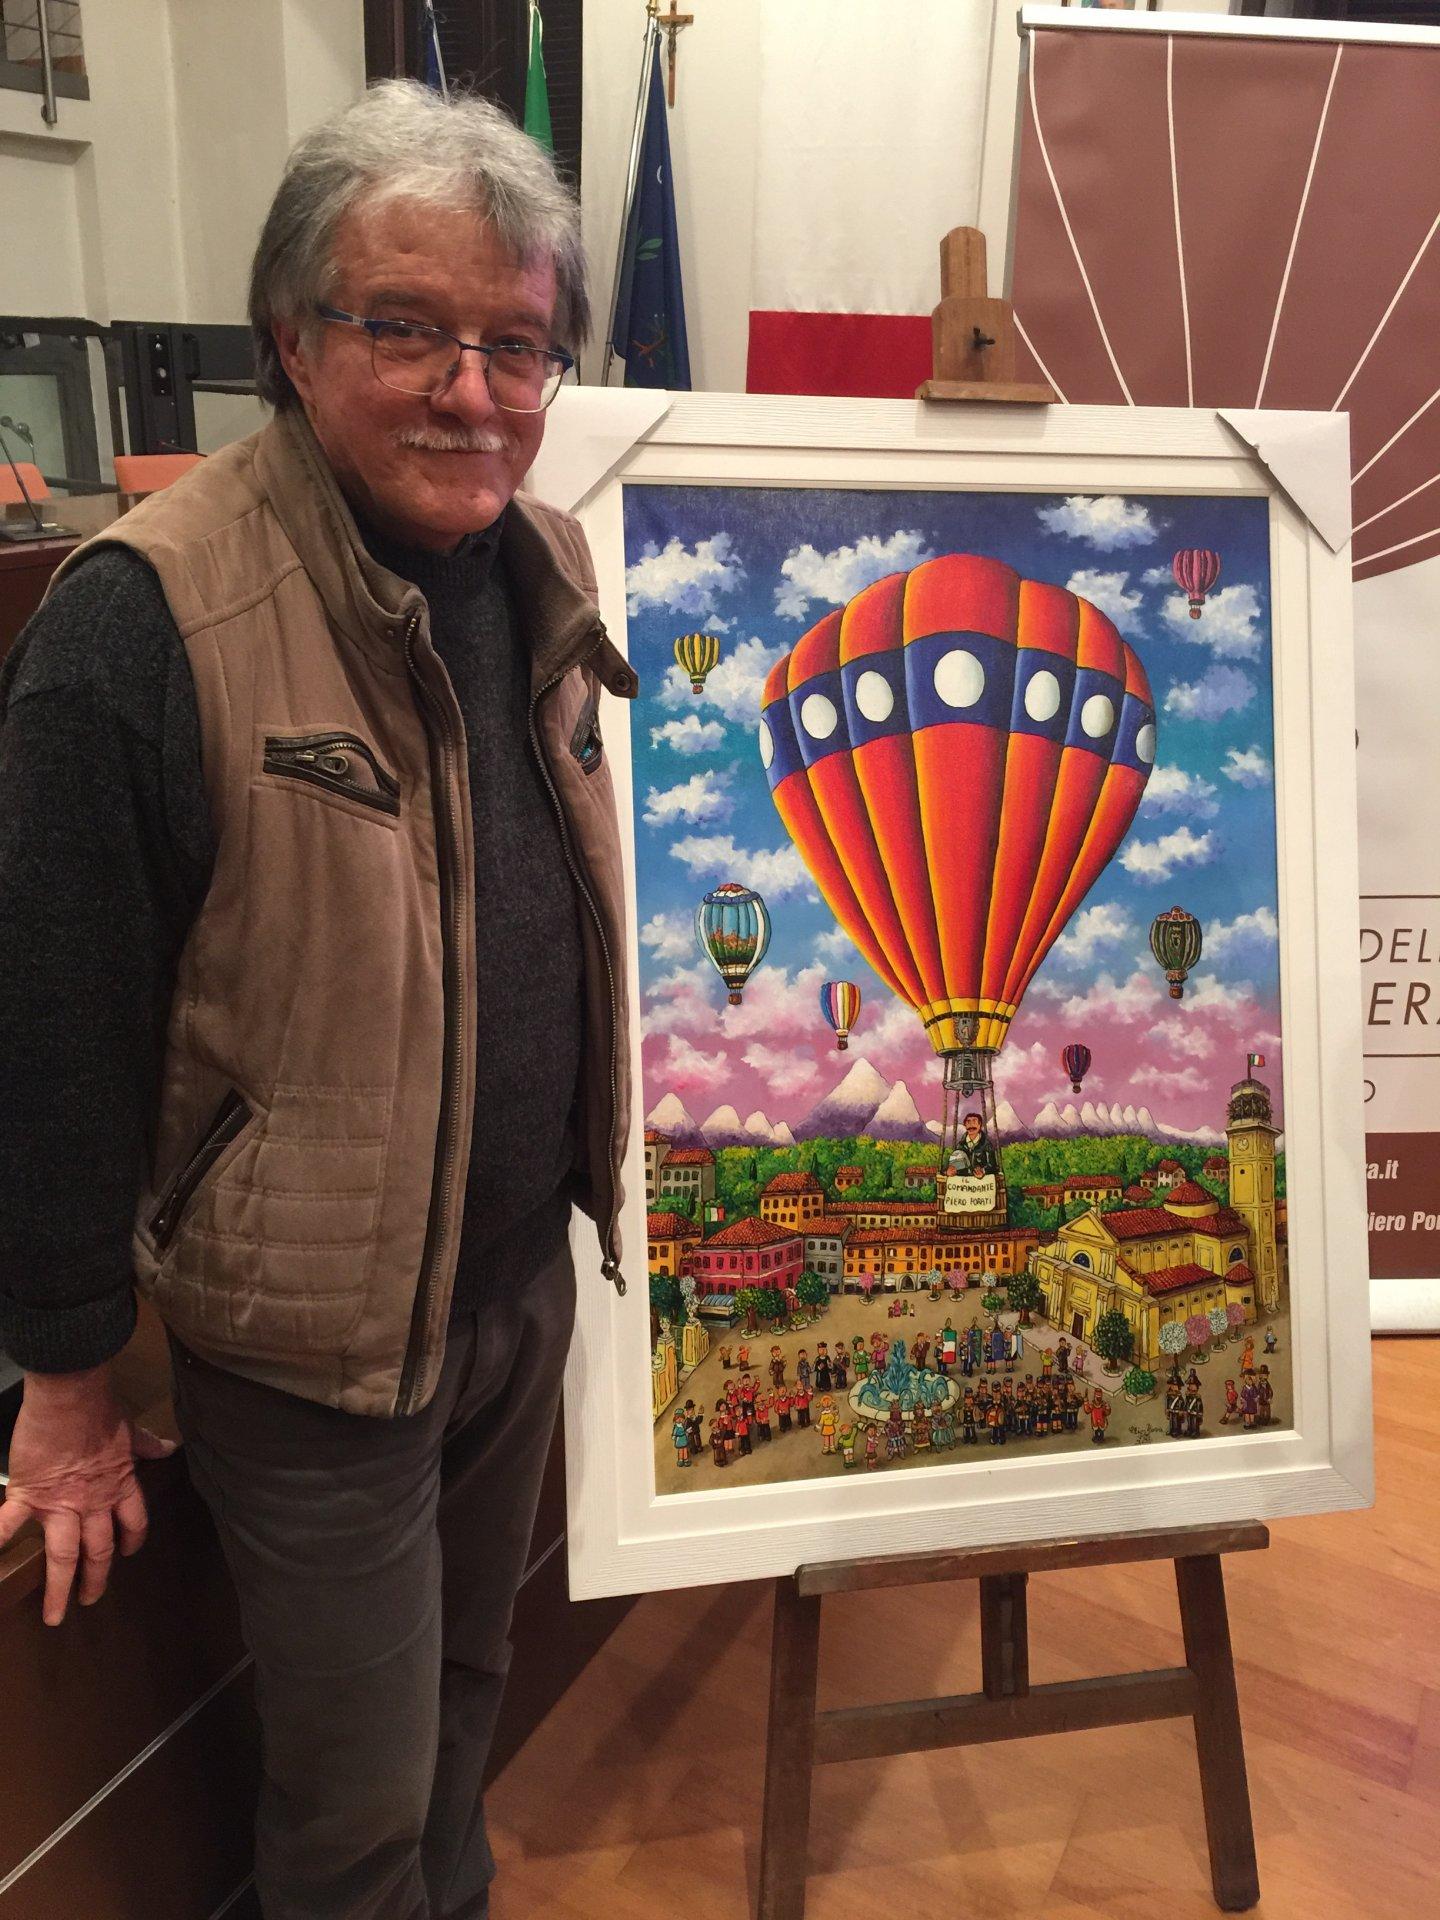 Brugherio 235esimo anniversario primo volo in mongolfiera svelato il dipinto dell'artista Elio Nava